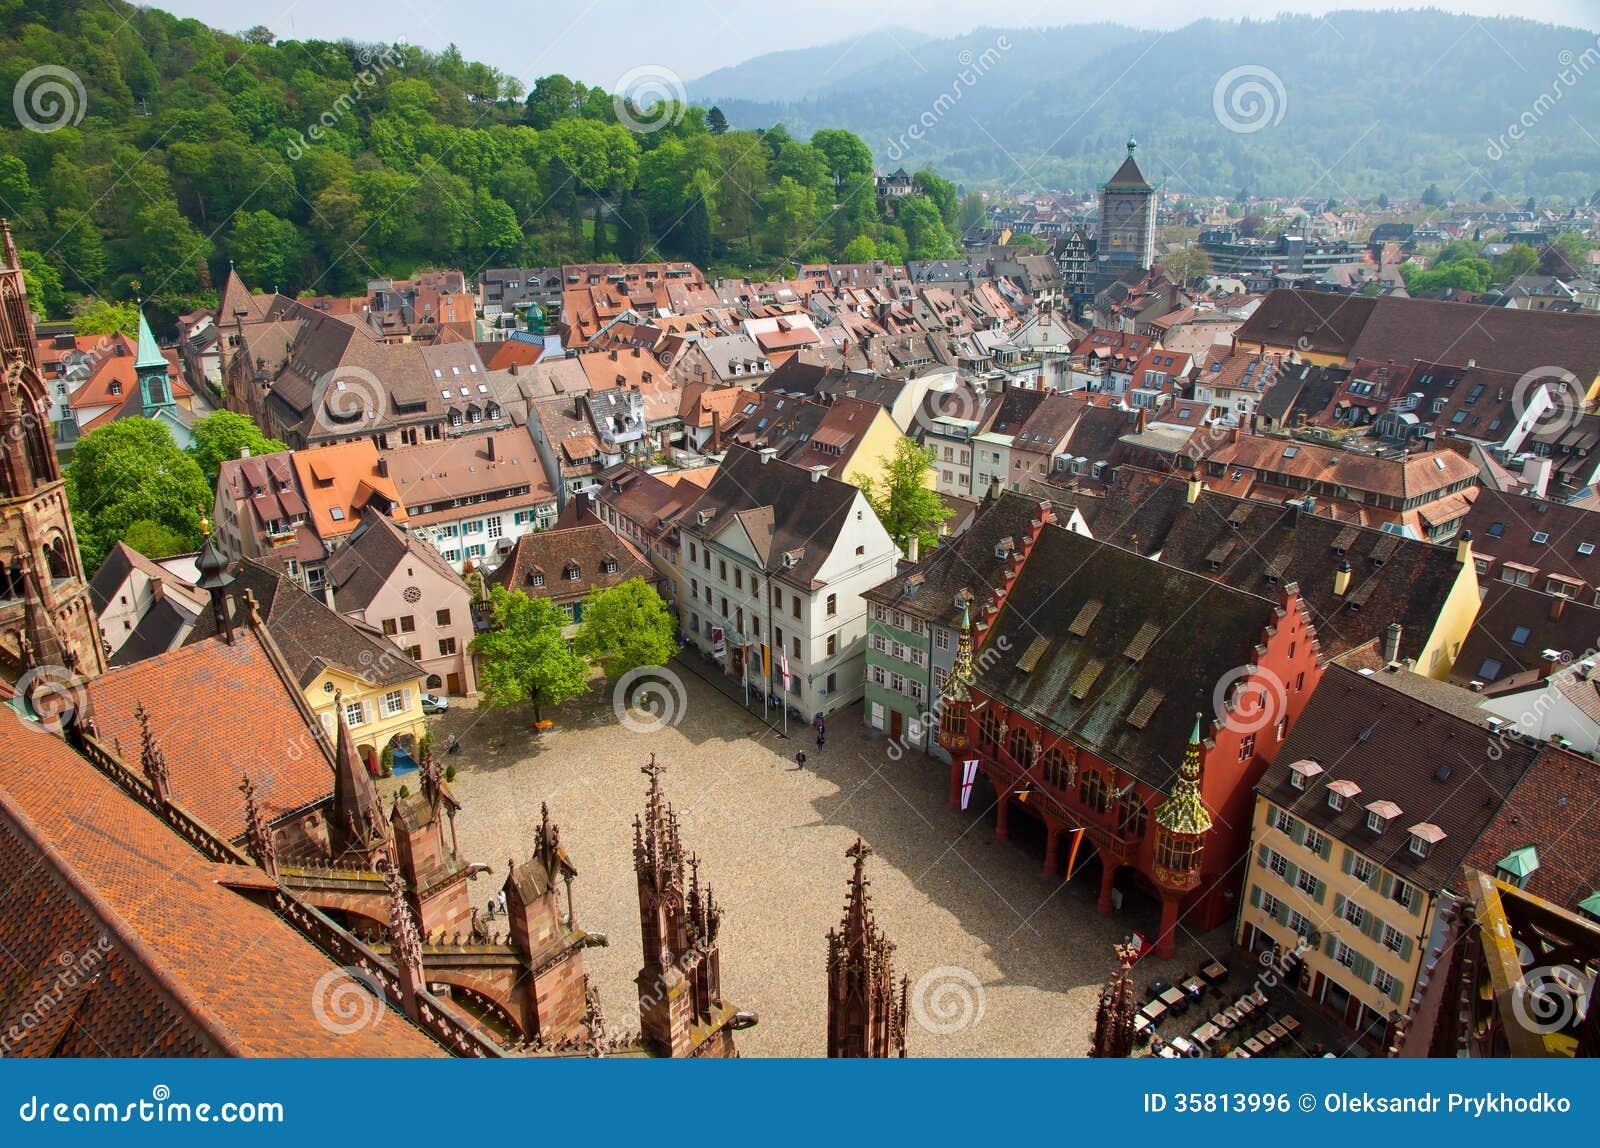 Buildings In Freiburg Im Breisgau City Germany Royalty